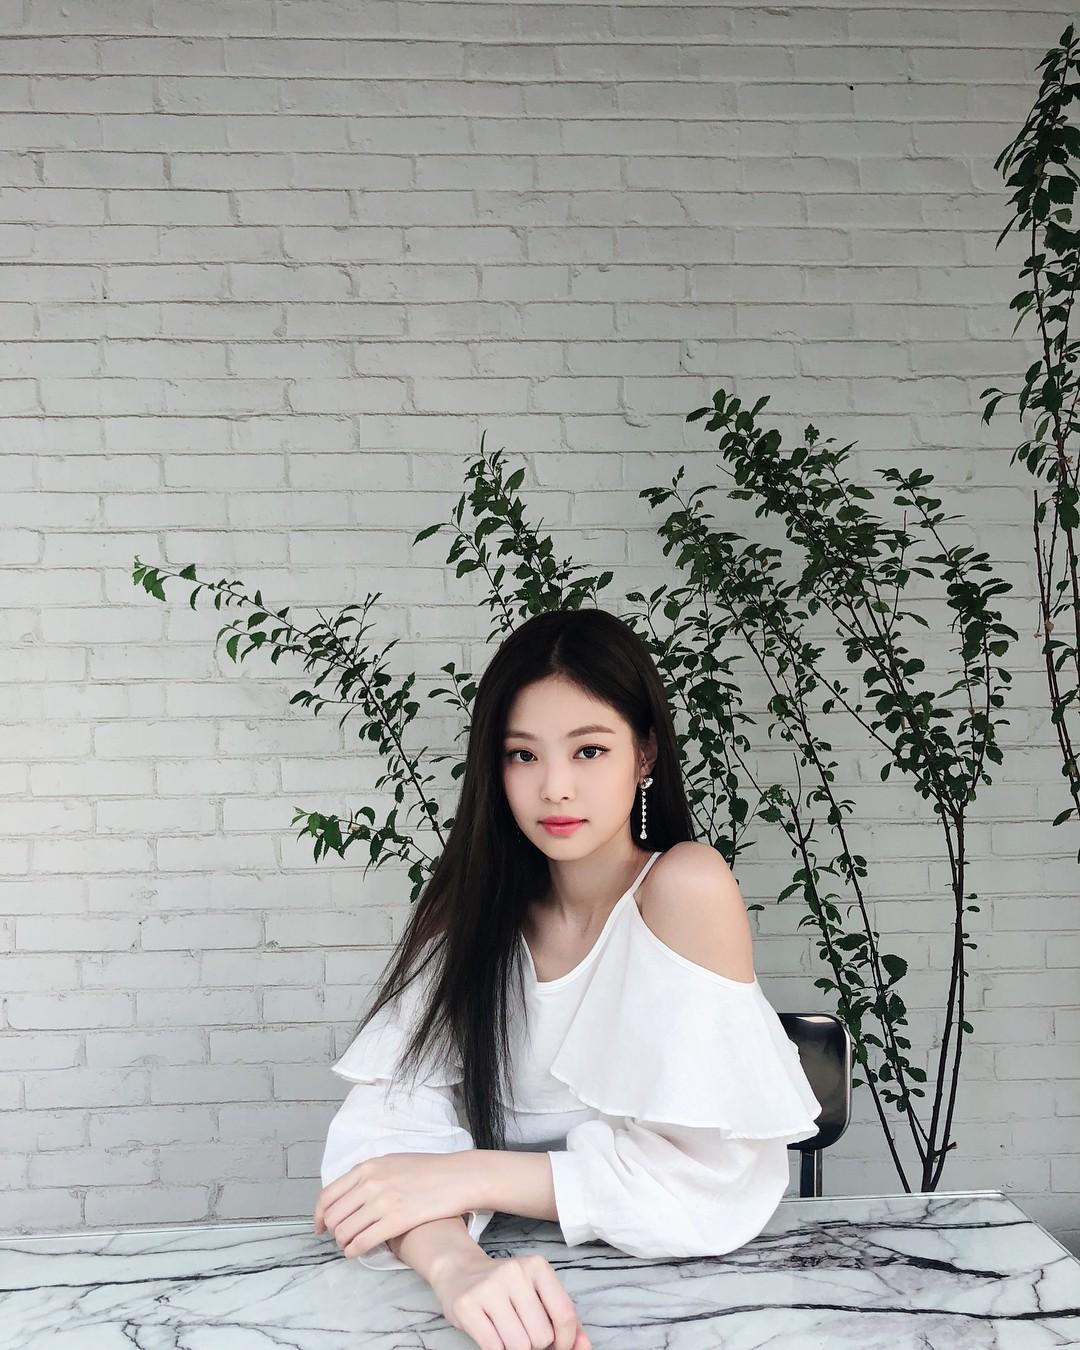 Instagram mới mở được 1 tuần, ảnh của Jennie (Black Pink) có gì hot mà toàn triệu view mỗi tấm? - Ảnh 11.